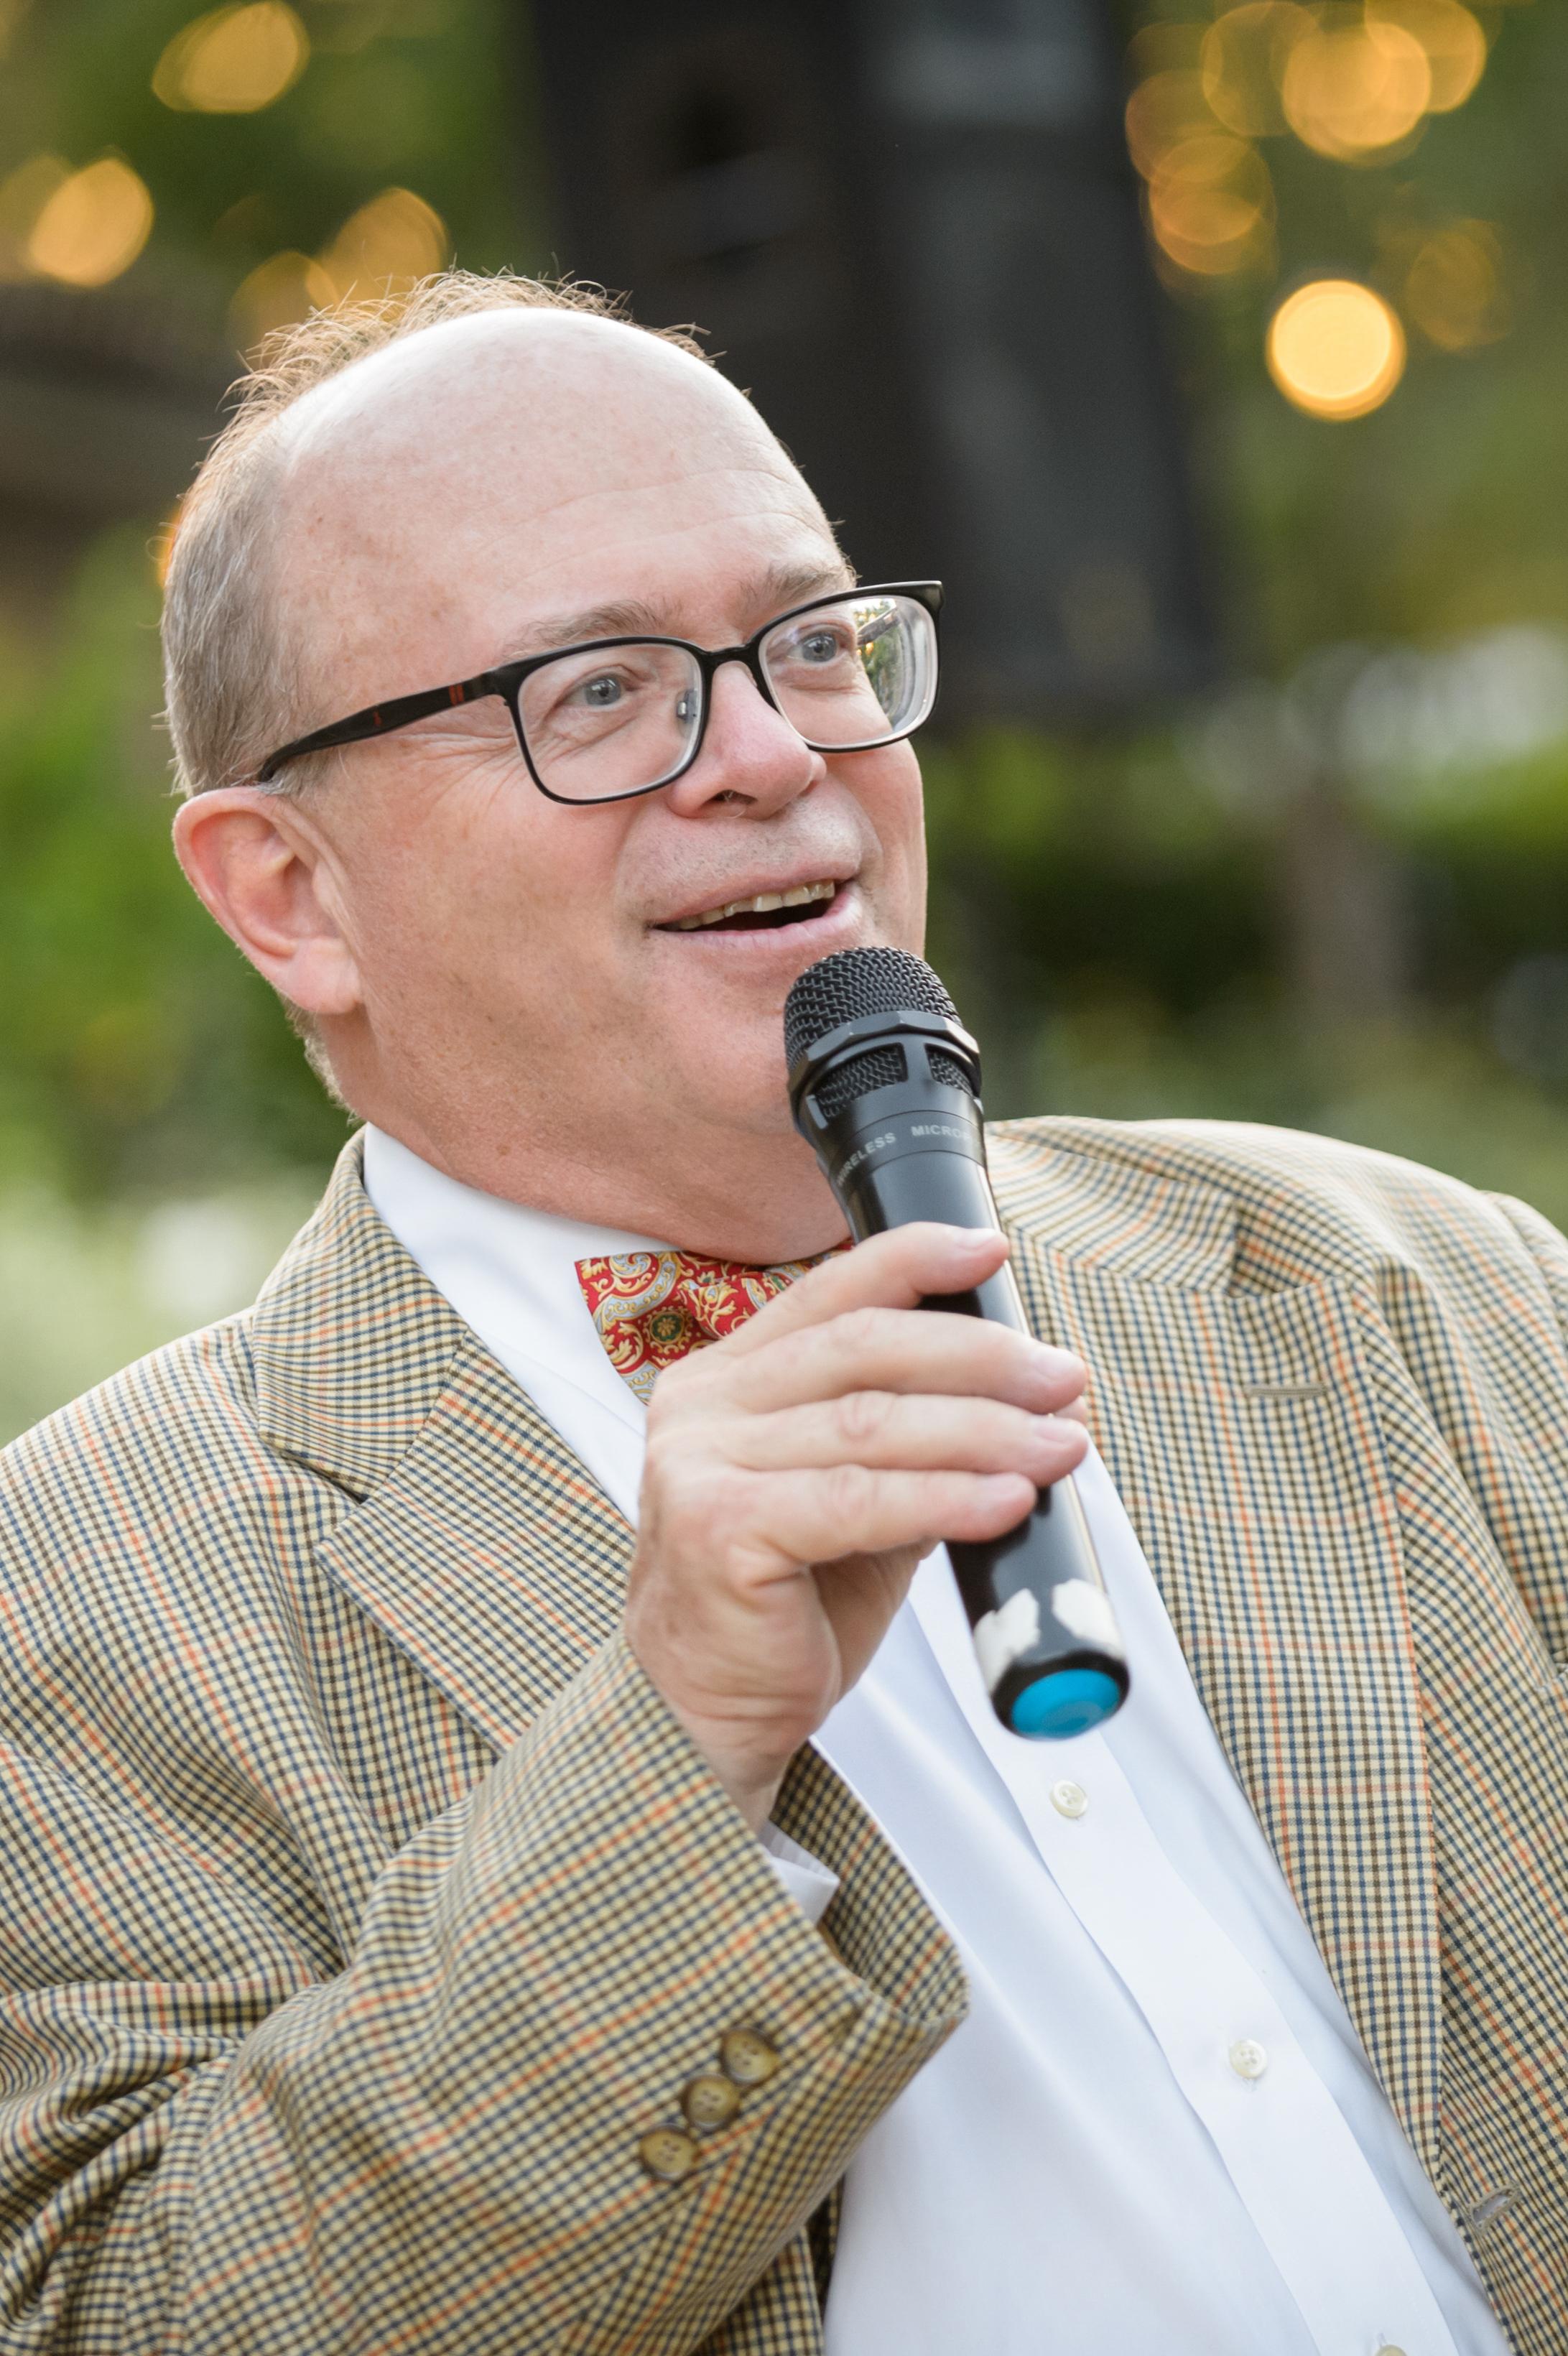 Fritz Hatton, Owner